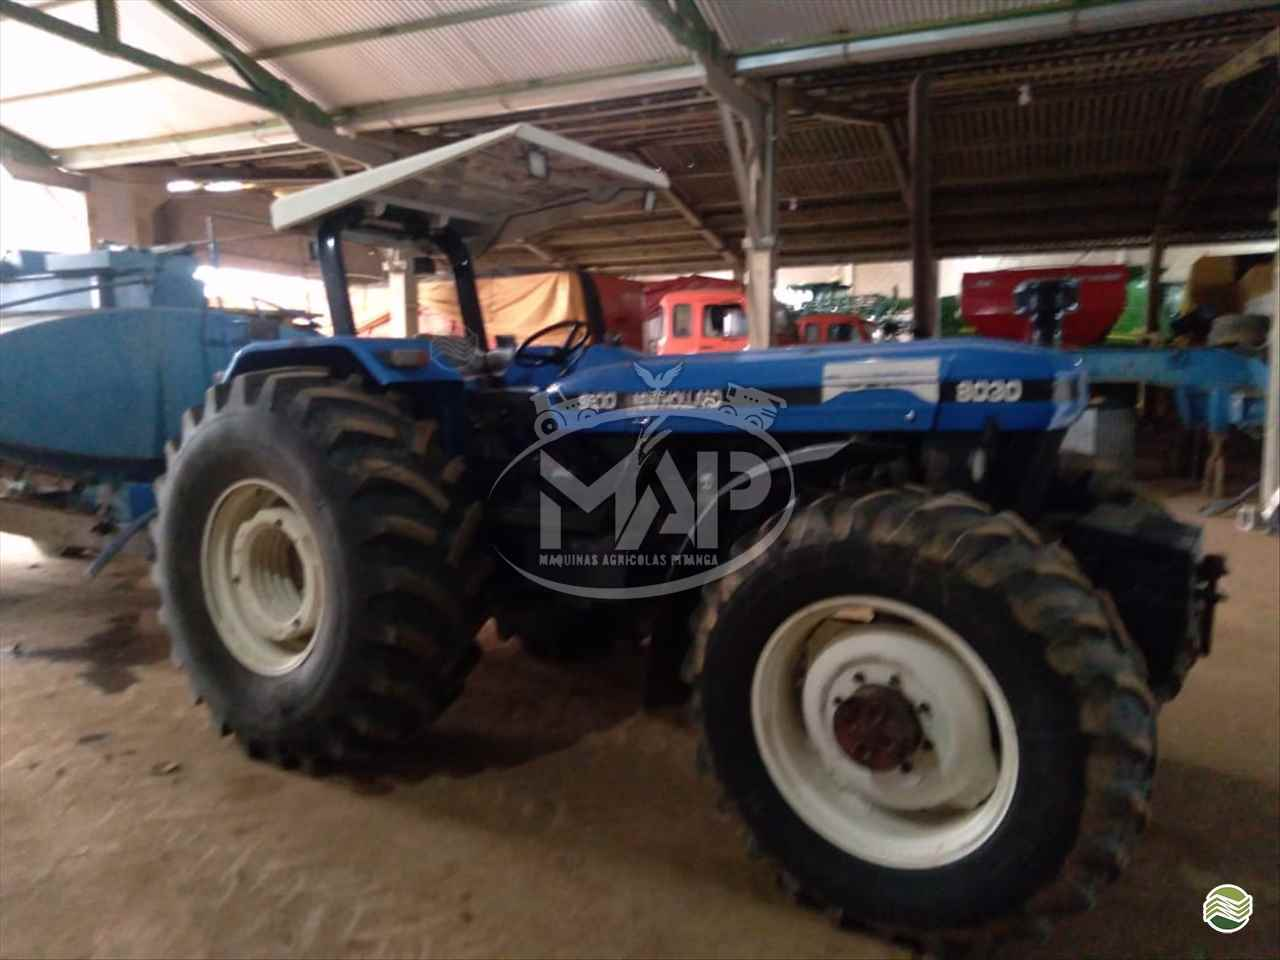 TRATOR NEW HOLLAND NEW 8030 Tração 4x4 Máquinas Agrícolas Pitanga PITANGA PARANÁ PR